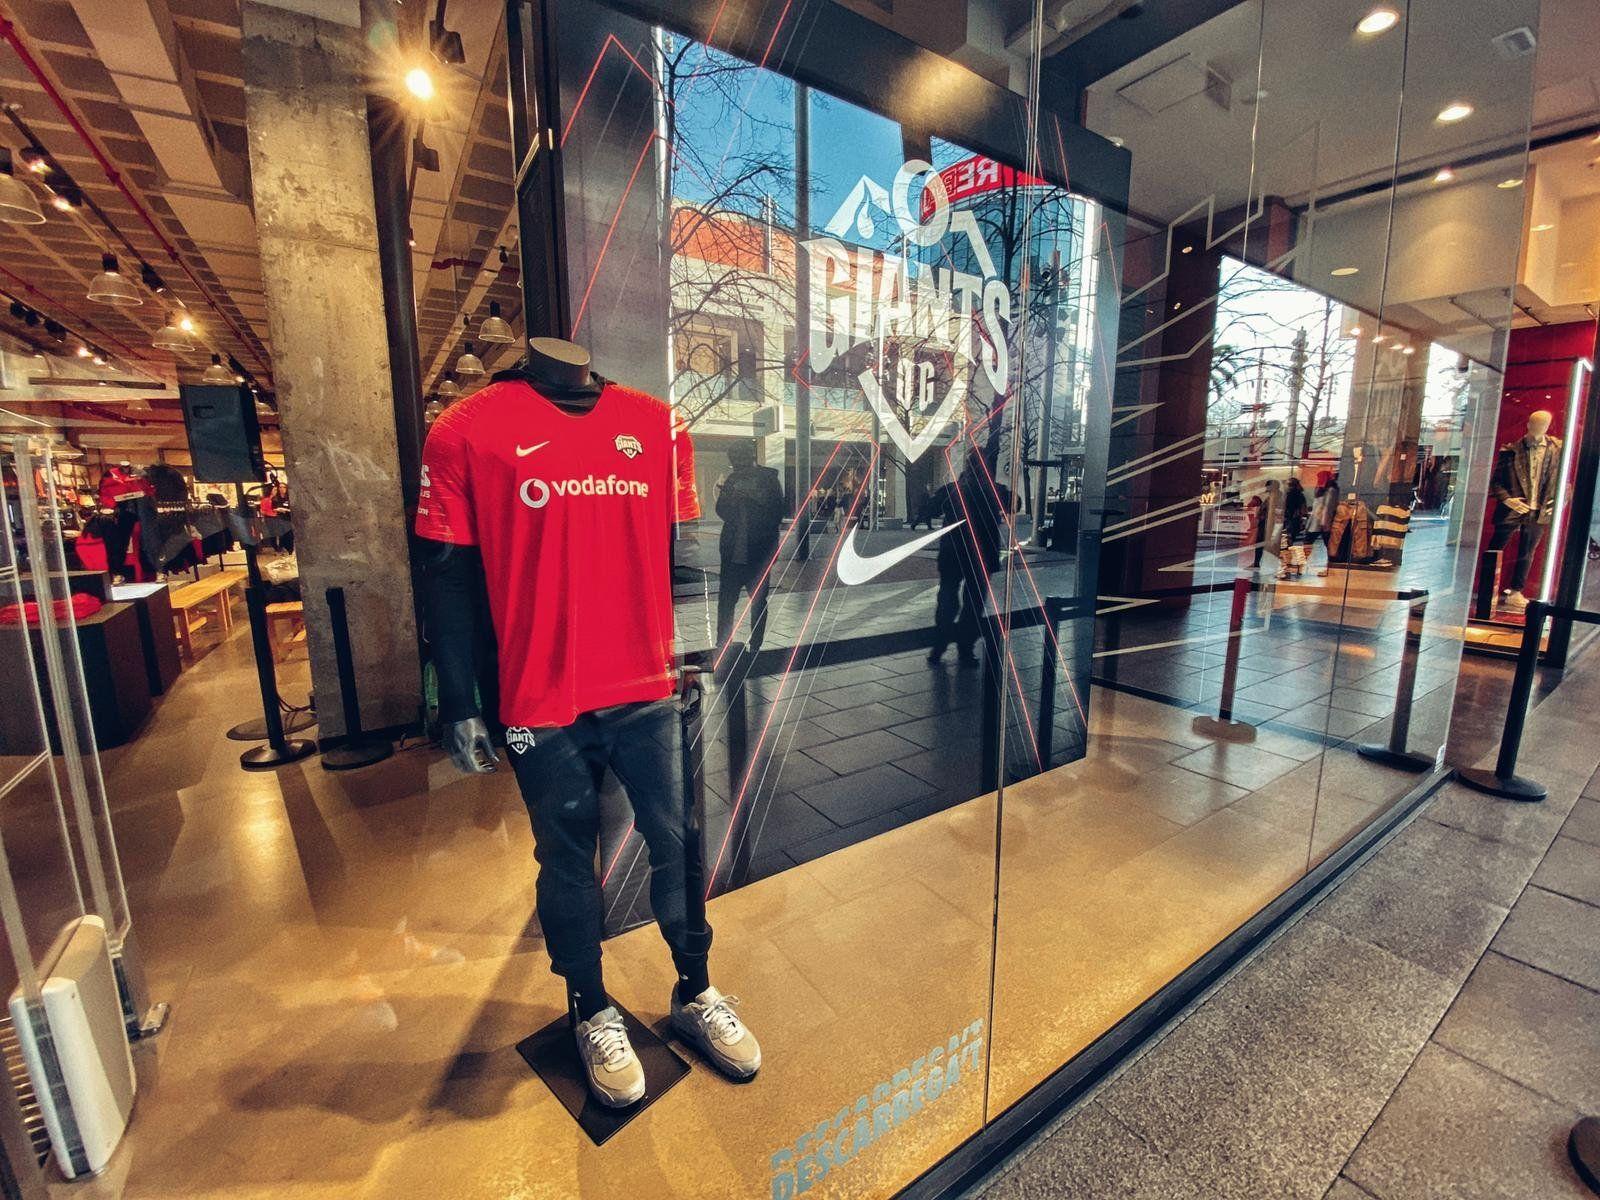 bordado caja Cerco  La nueva equipación oficial de Vodafone Giants se presenta en sociedad - El  Portaluco de noticias de Valladolid